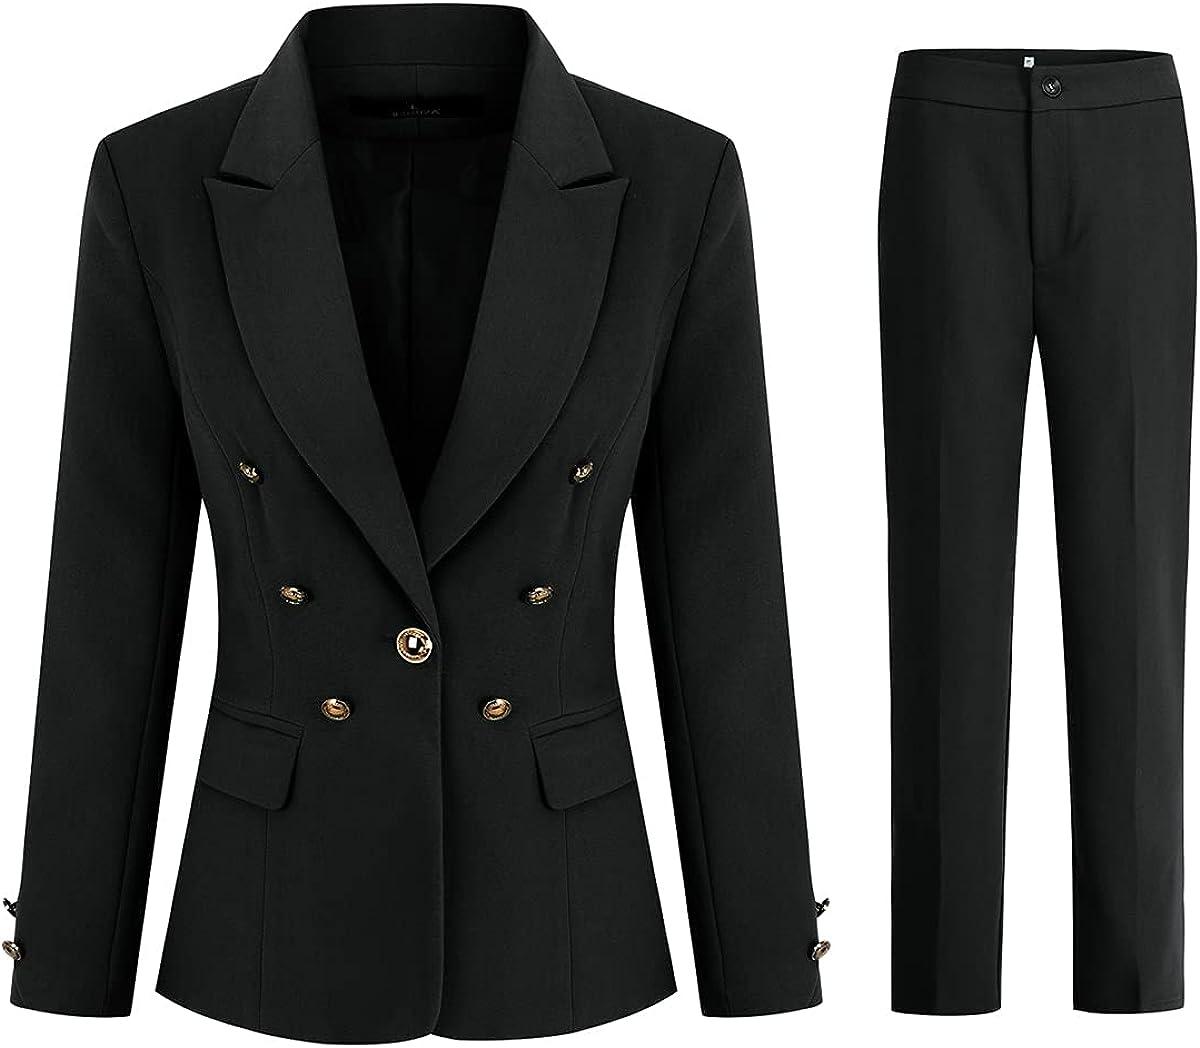 Women's 2 Pieces Vintage Office Lady Suit Set One Button Blazer and Suit Pants